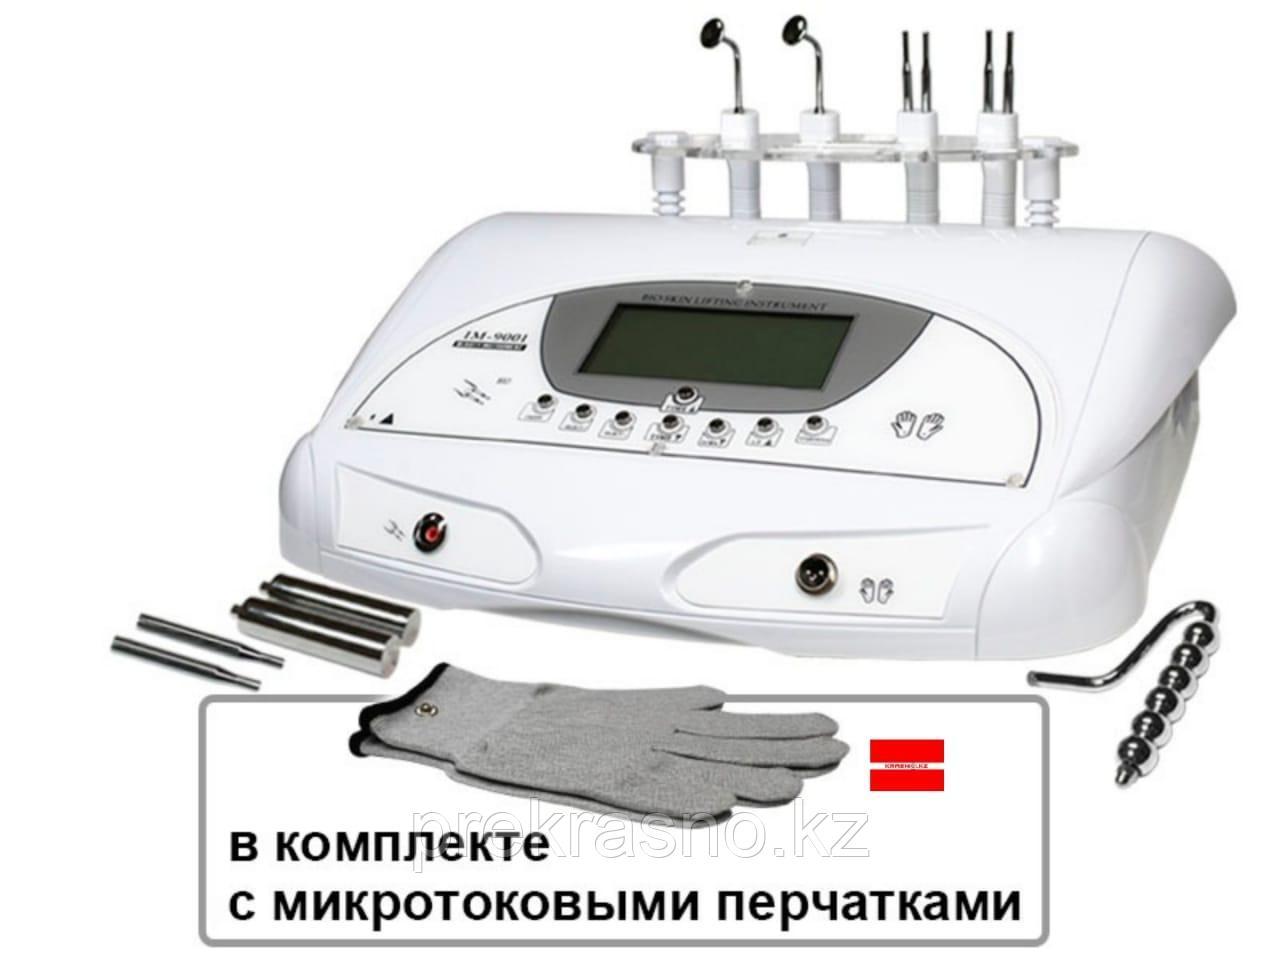 Профессиональный аппарат микротоковой терапии IM-9001